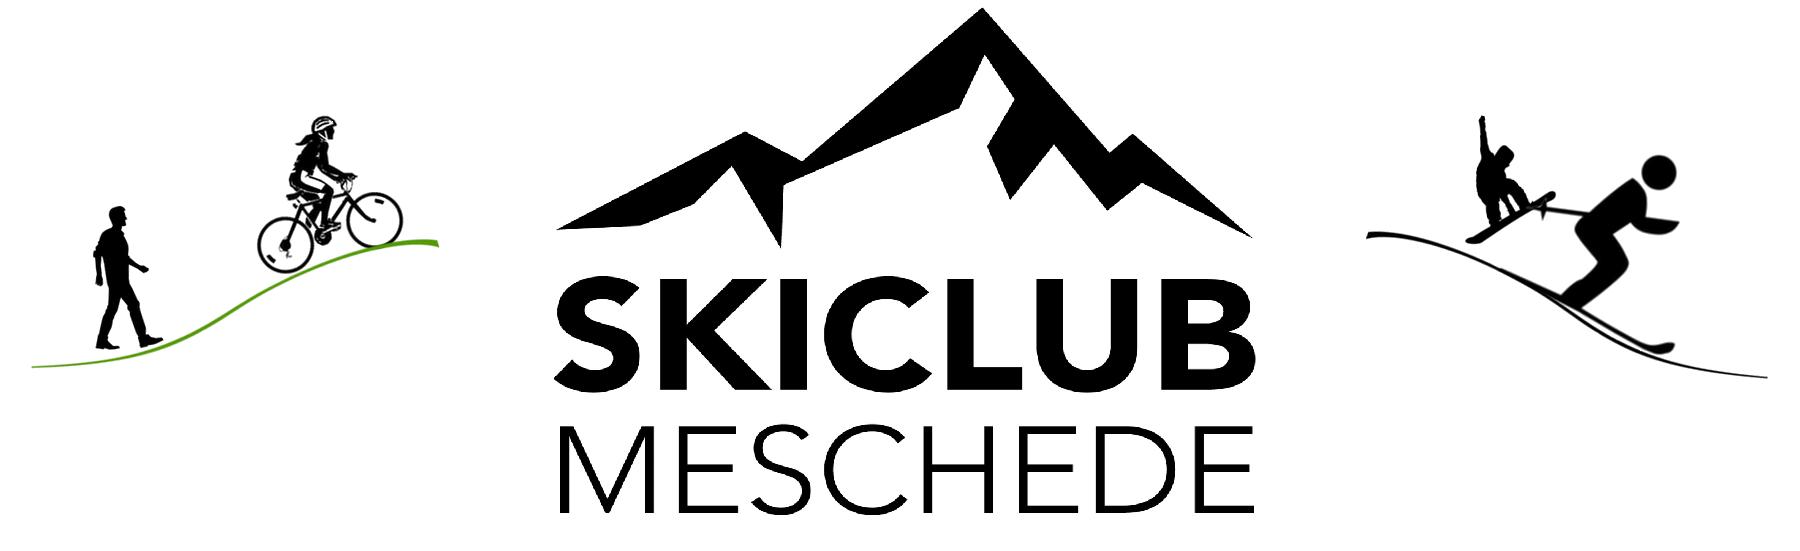 Skiclub Meschede e.V.